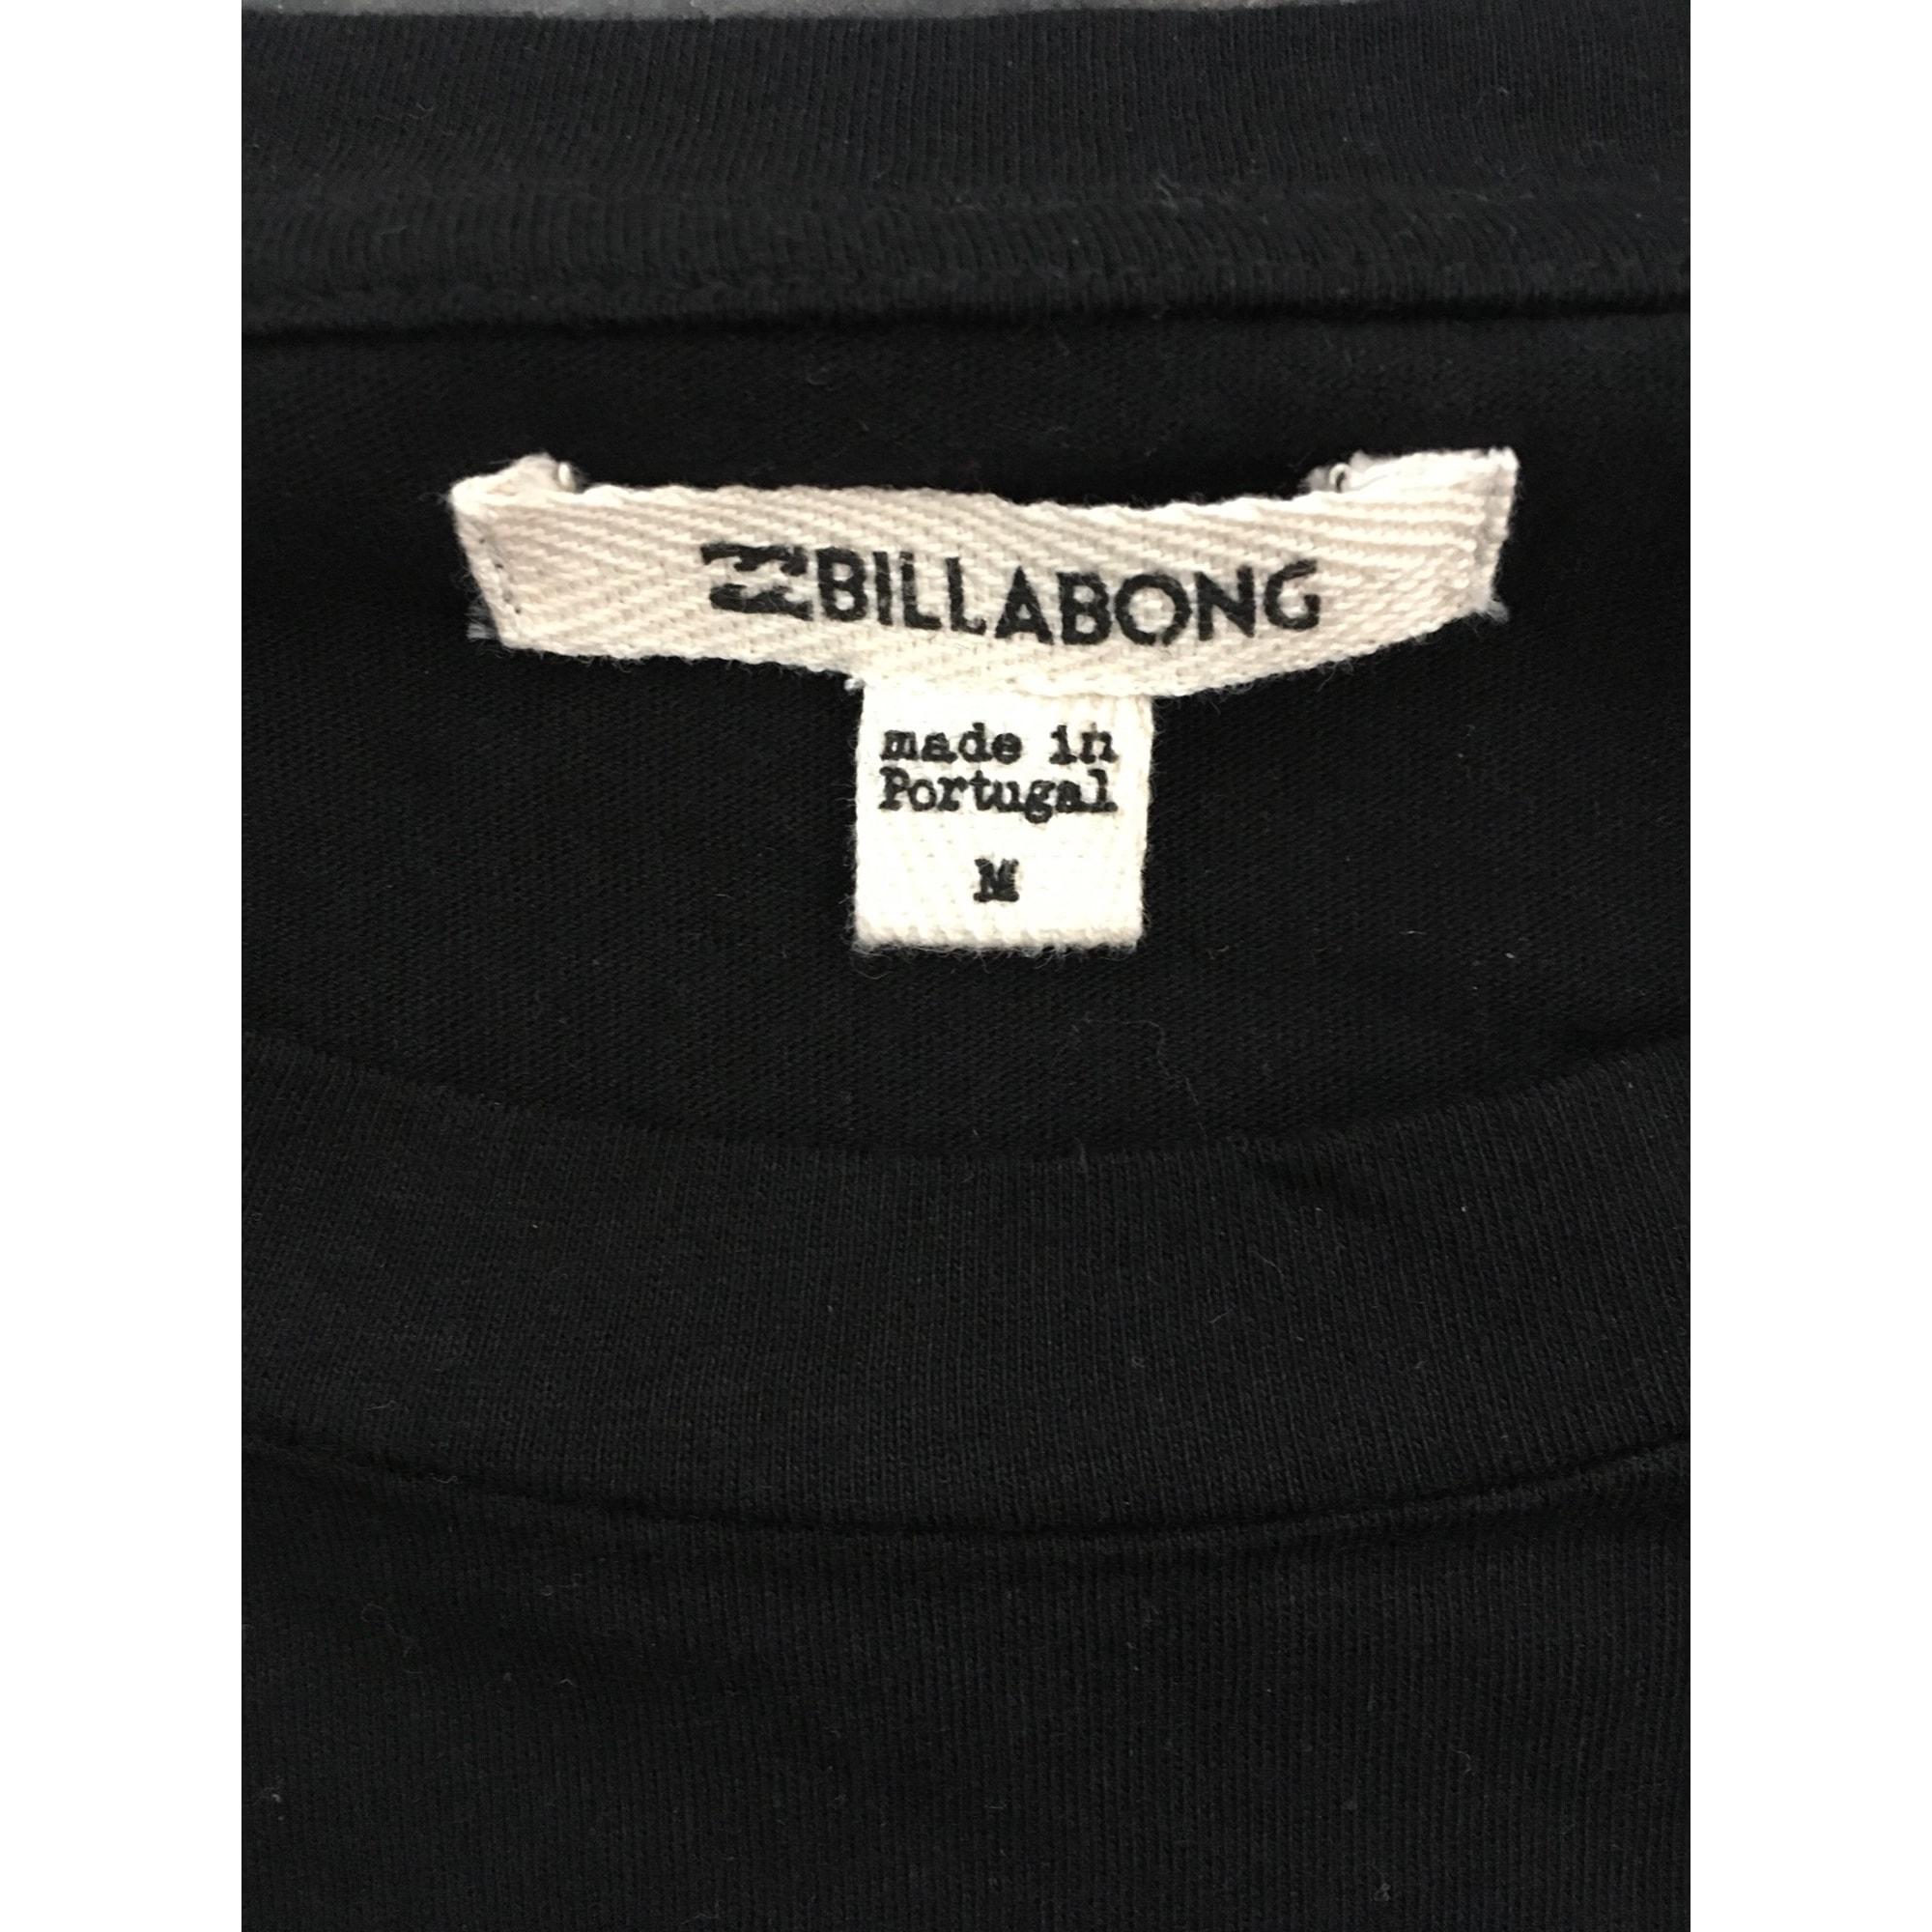 Tee-shirt BILLABONG Noir et blanc